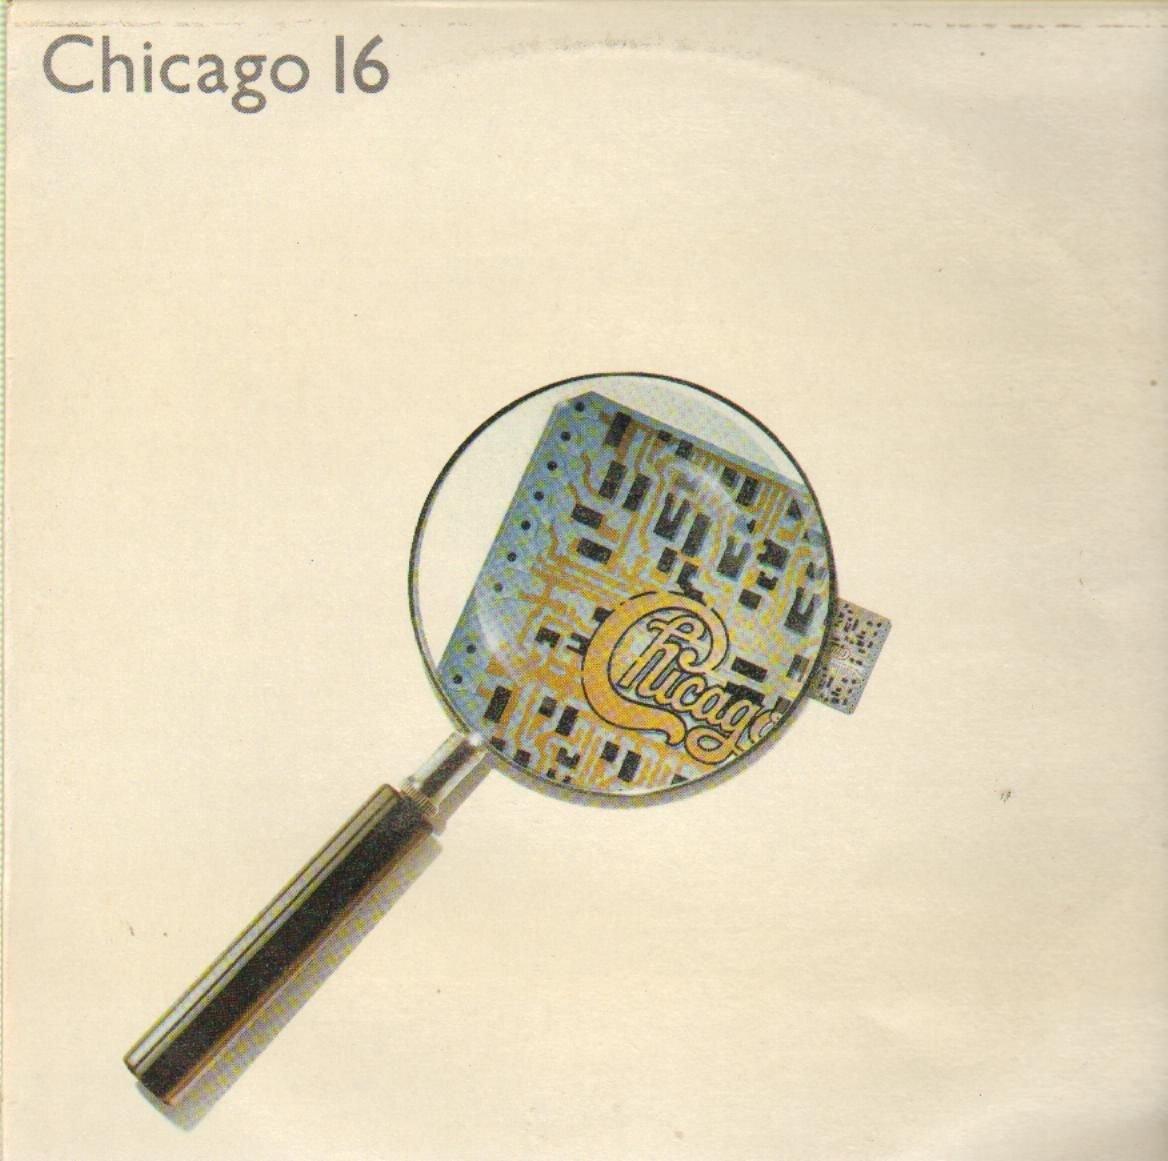 Chicago - Chicago 16 - Supraphon - 1113 3727, Warner Bros. Records - 1113 3727, WEA - 1113 3727: Chicago: Amazon.es: Música